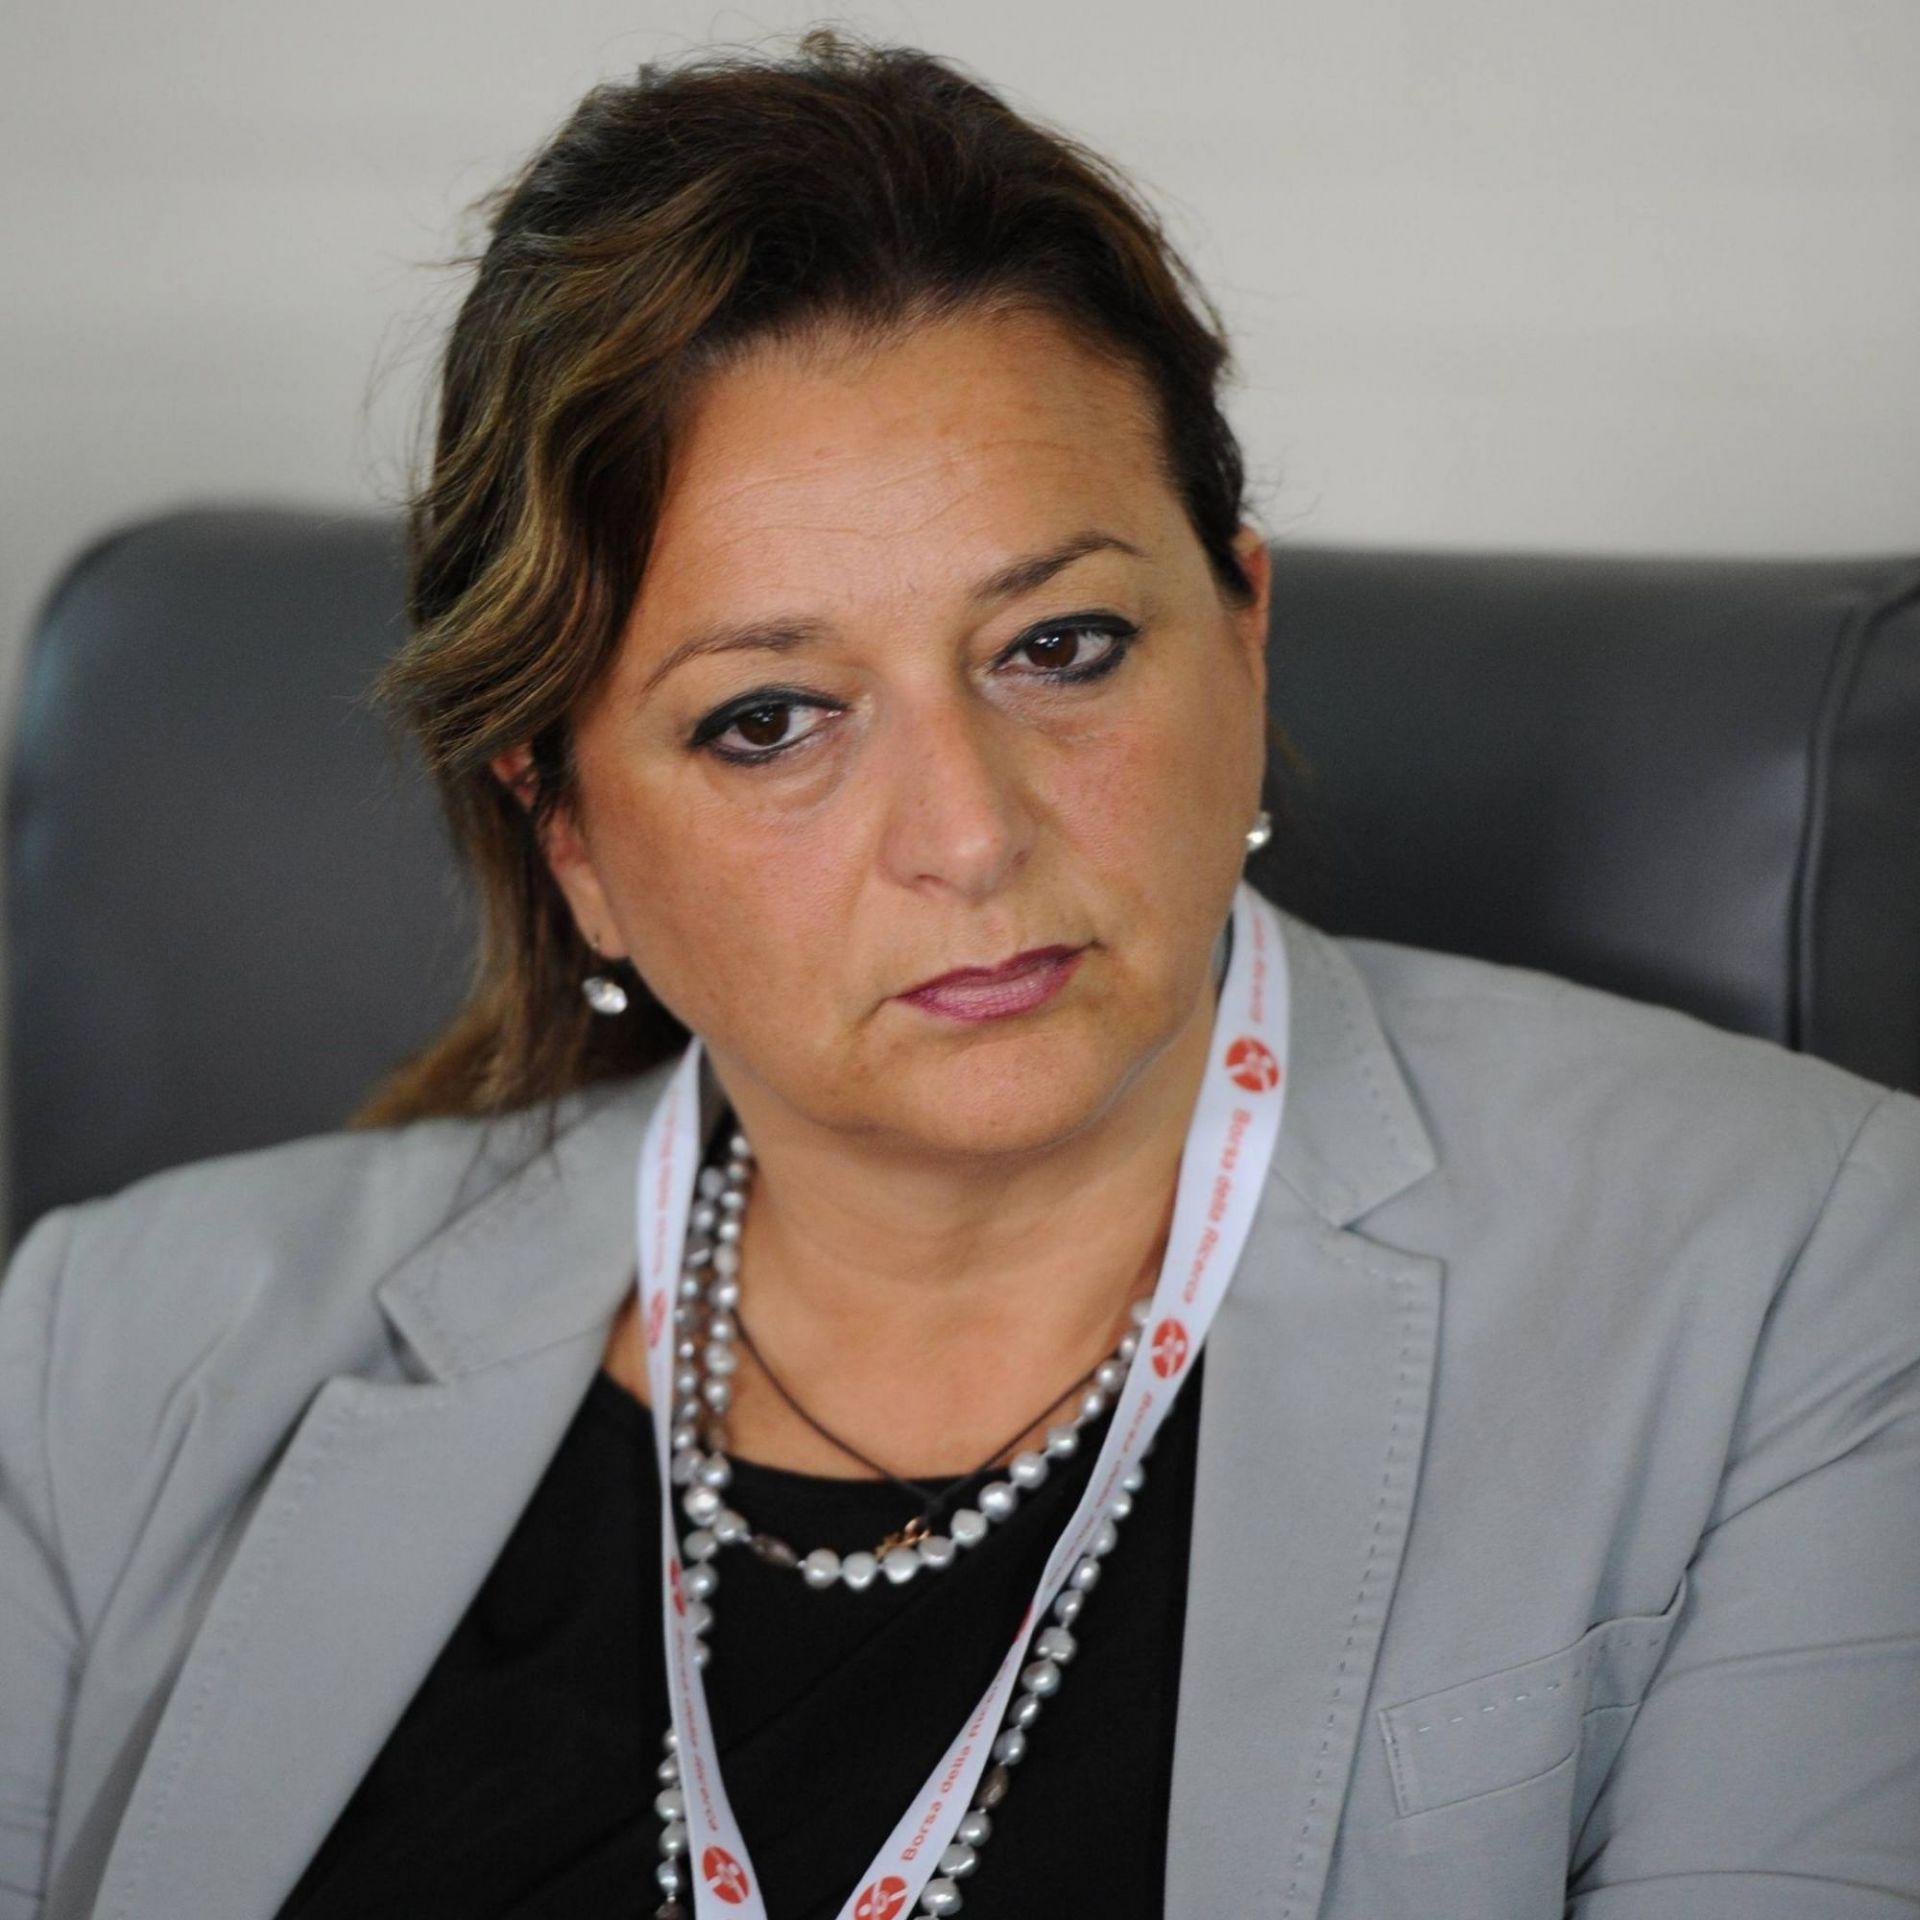 Valeria Fascione